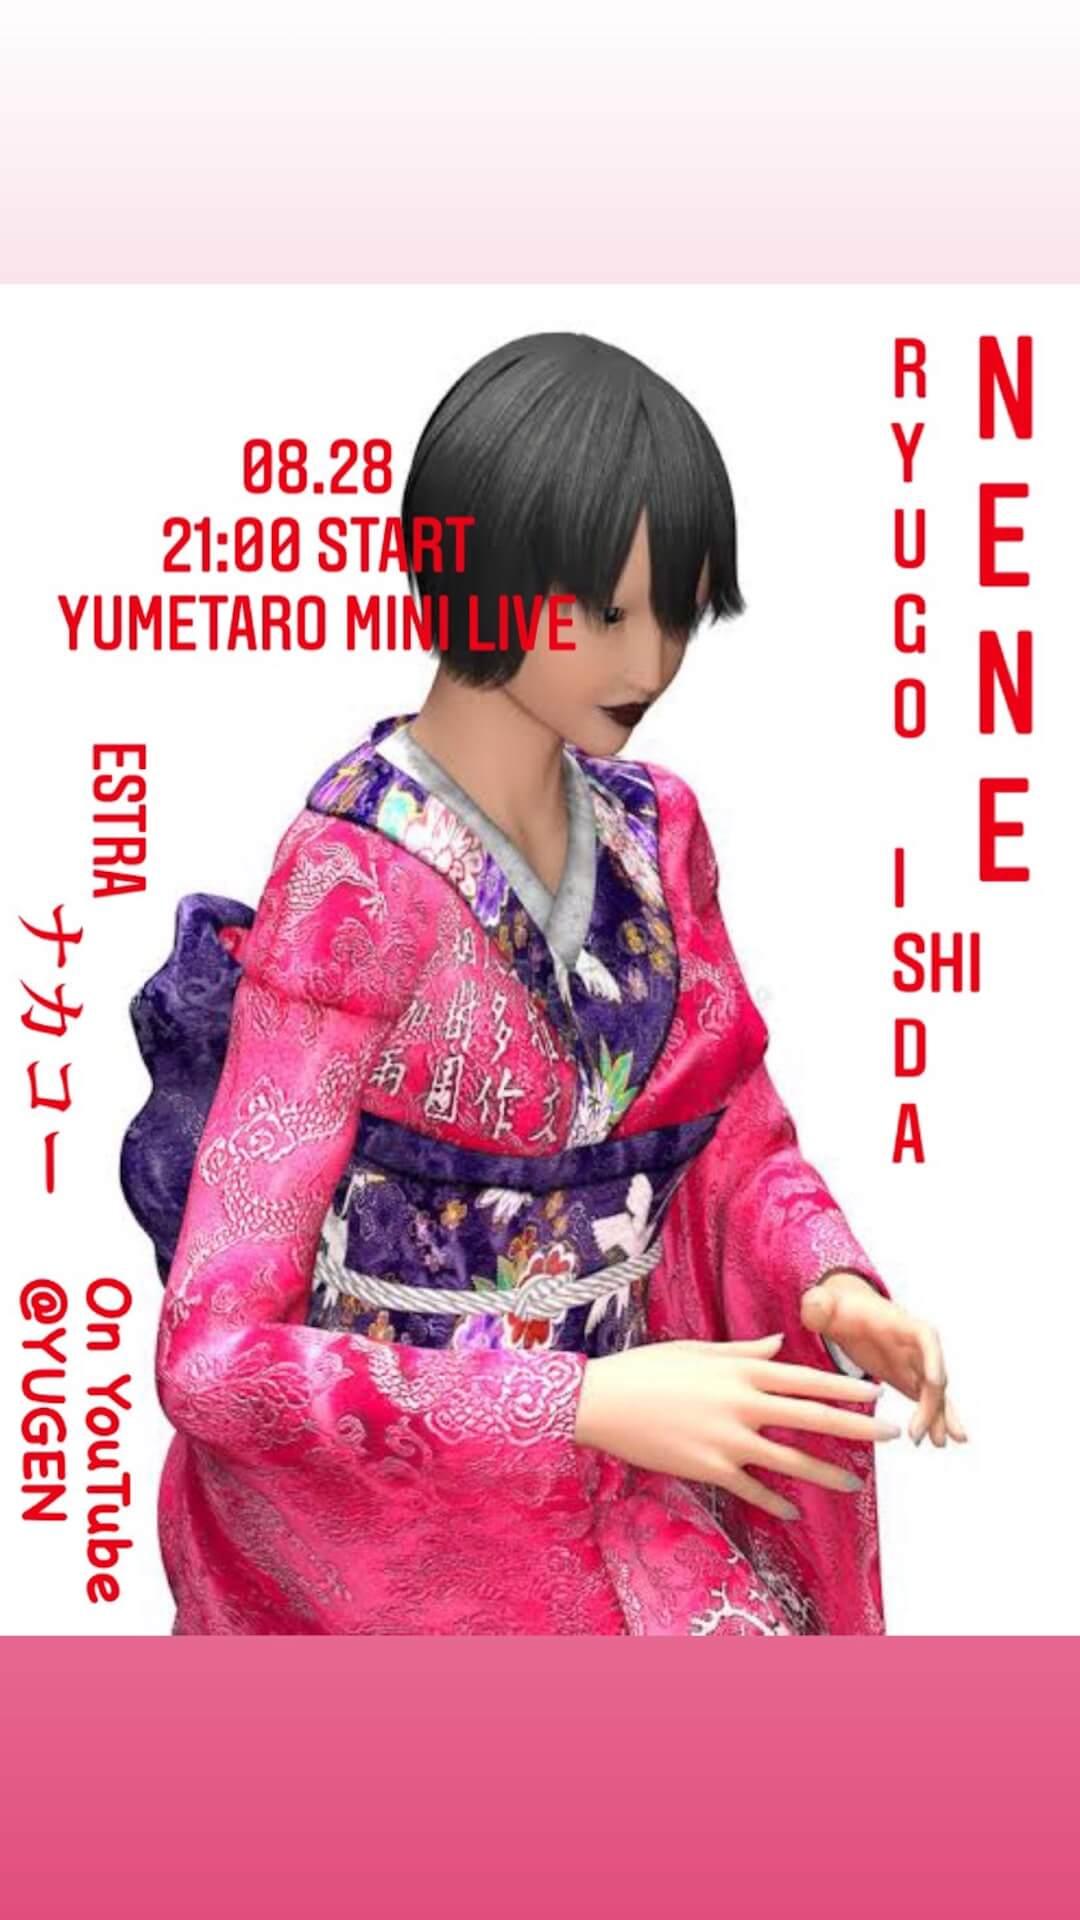 ゆるふわギャング・NENEの最新EP『夢太郎』の楽曲を初披露するオンラインライブが生配信決定! music200825_nene_1